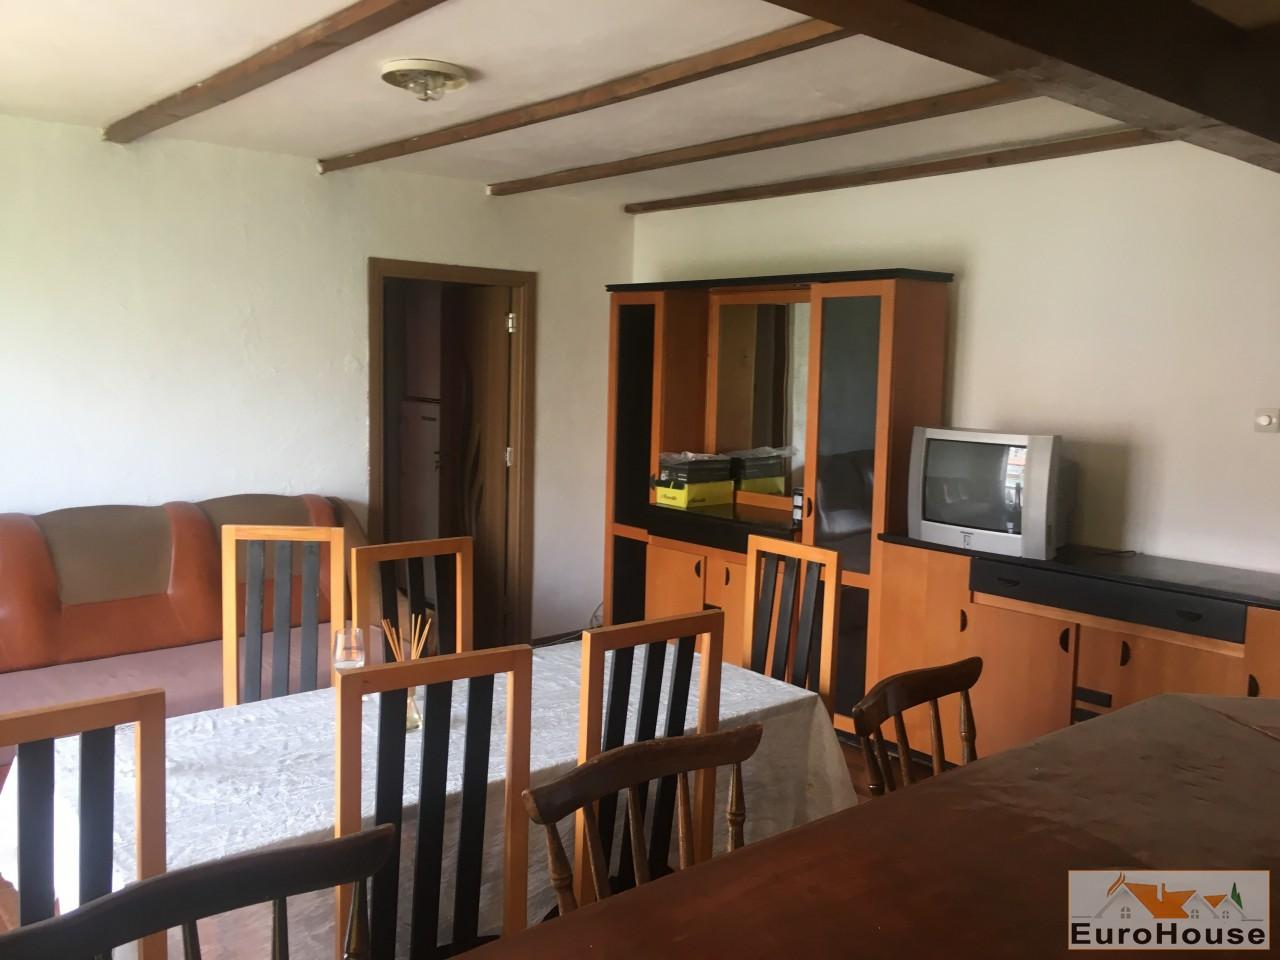 Apartament 2 camere de inchiriat Alba Iulia -34083-